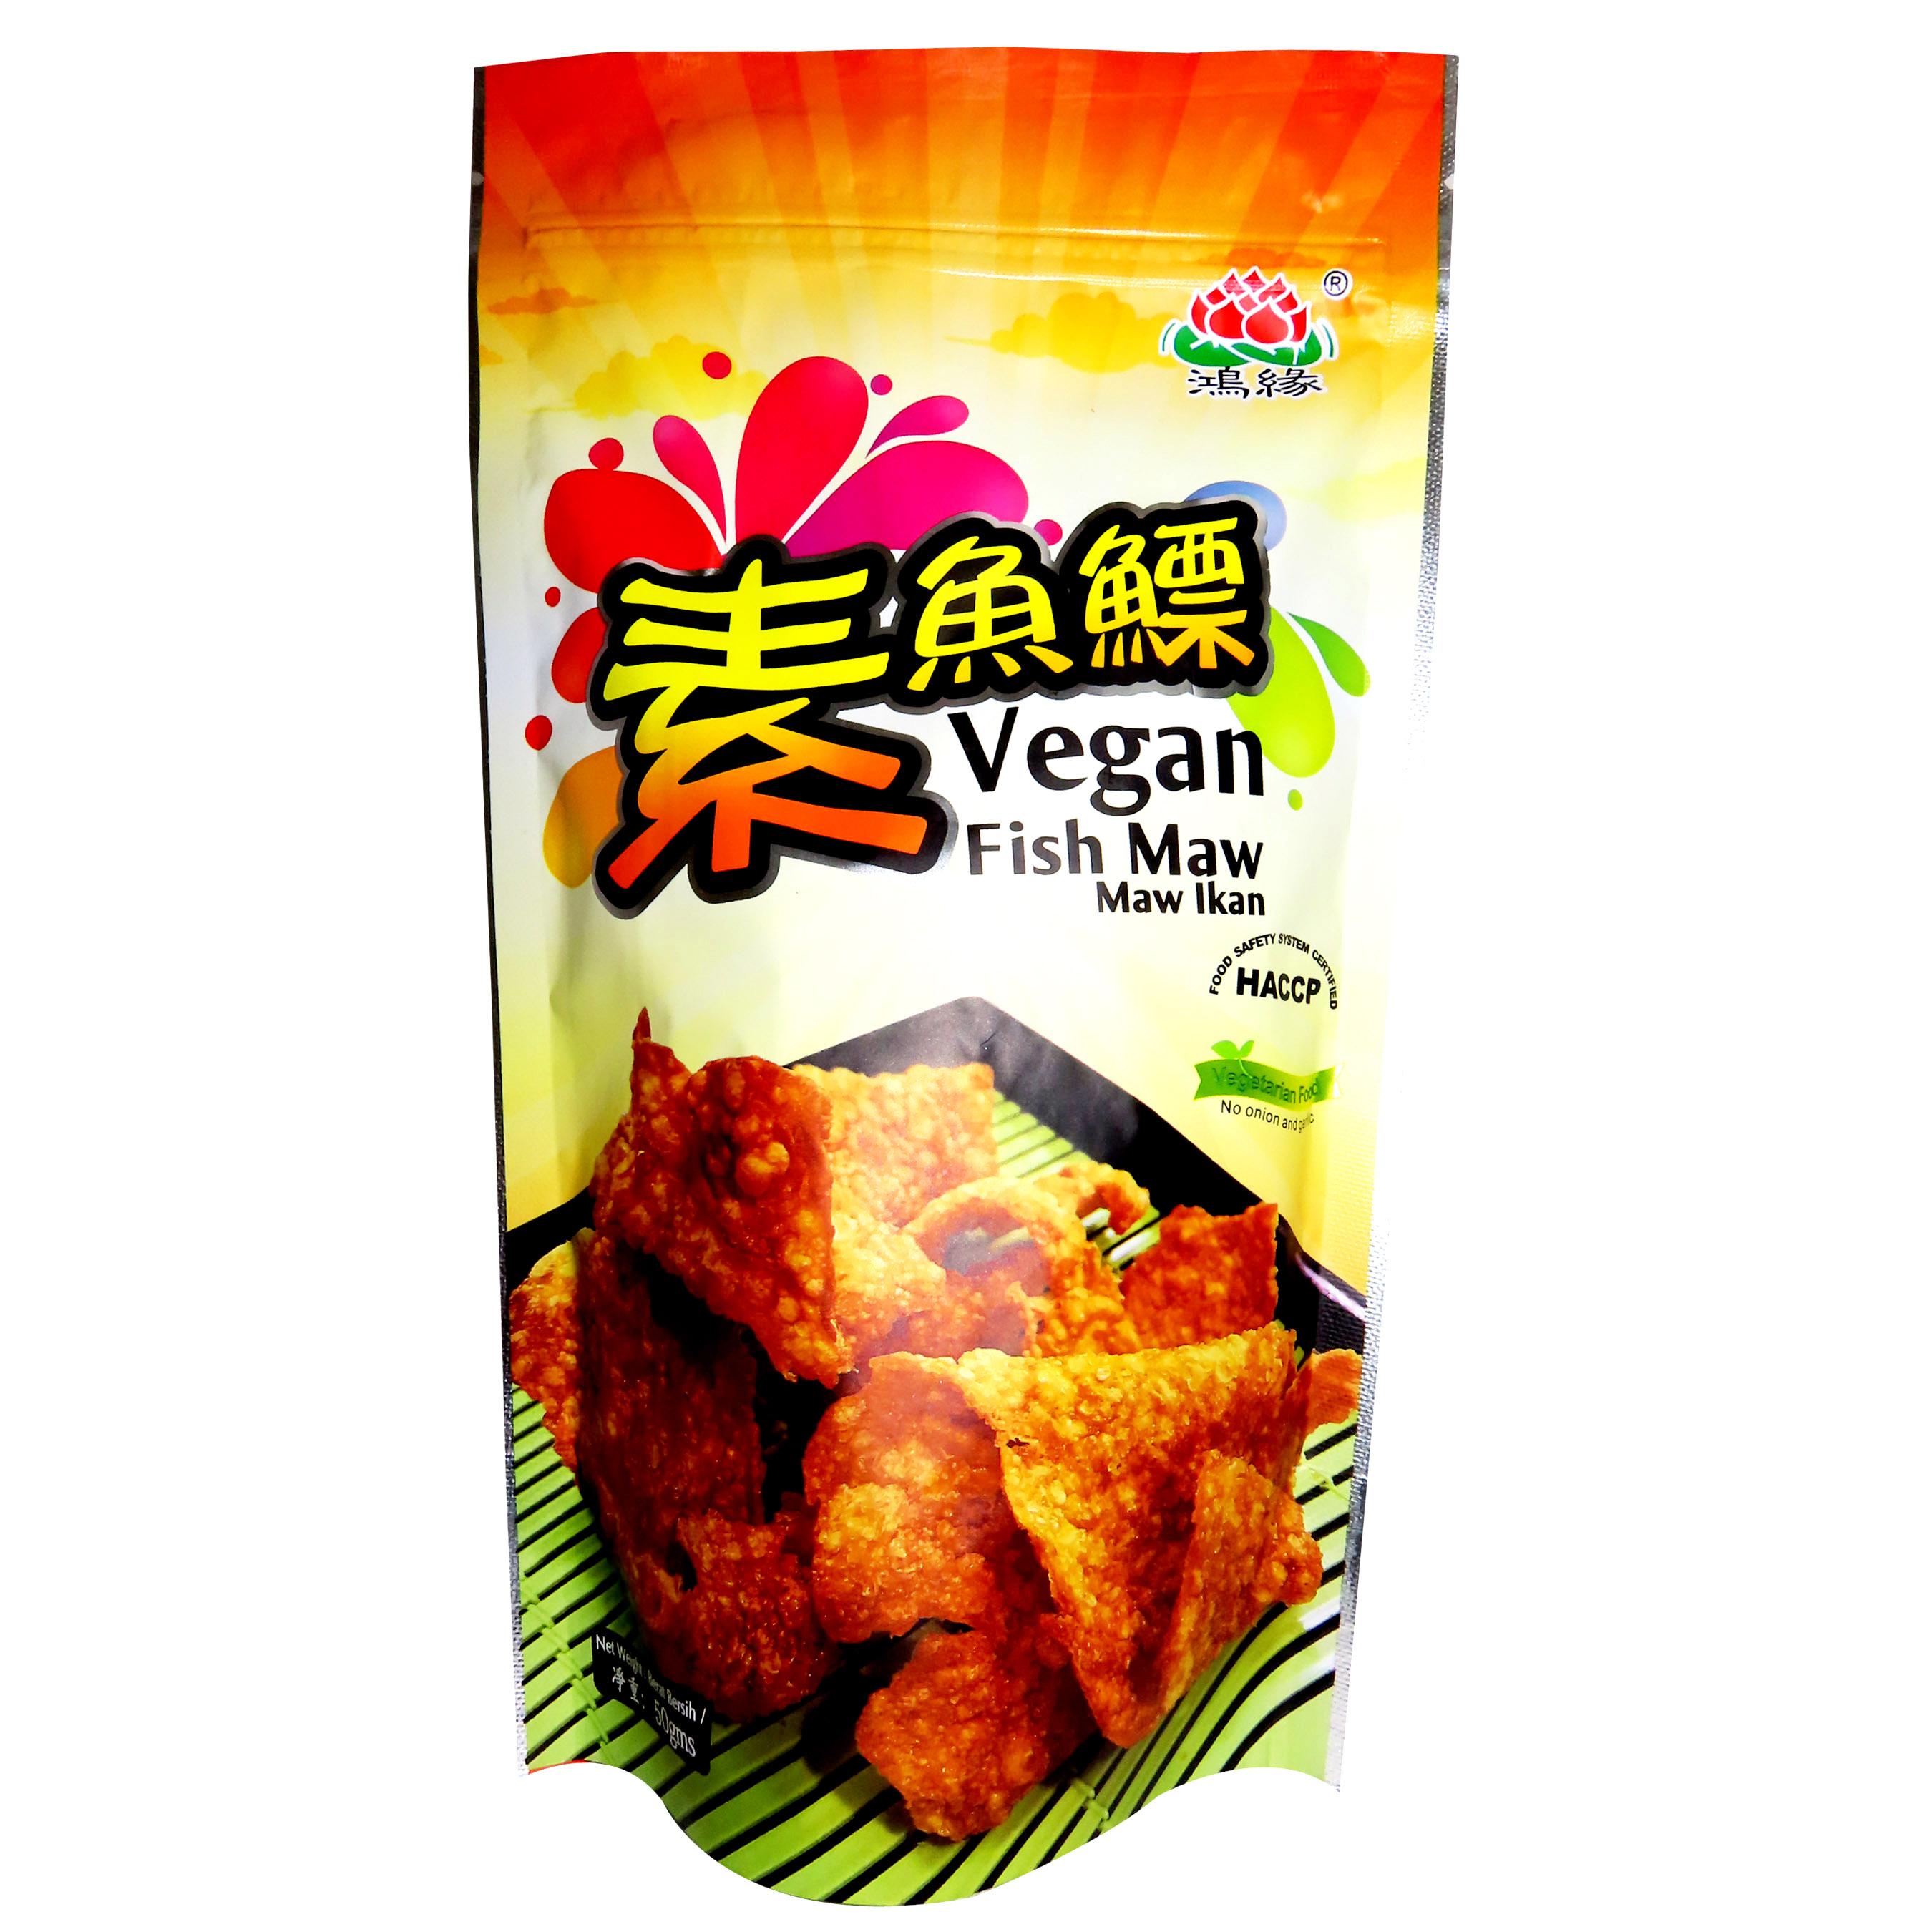 Image Vegan Fish Maw 鸿缘 - 素鱼鳔 50grams